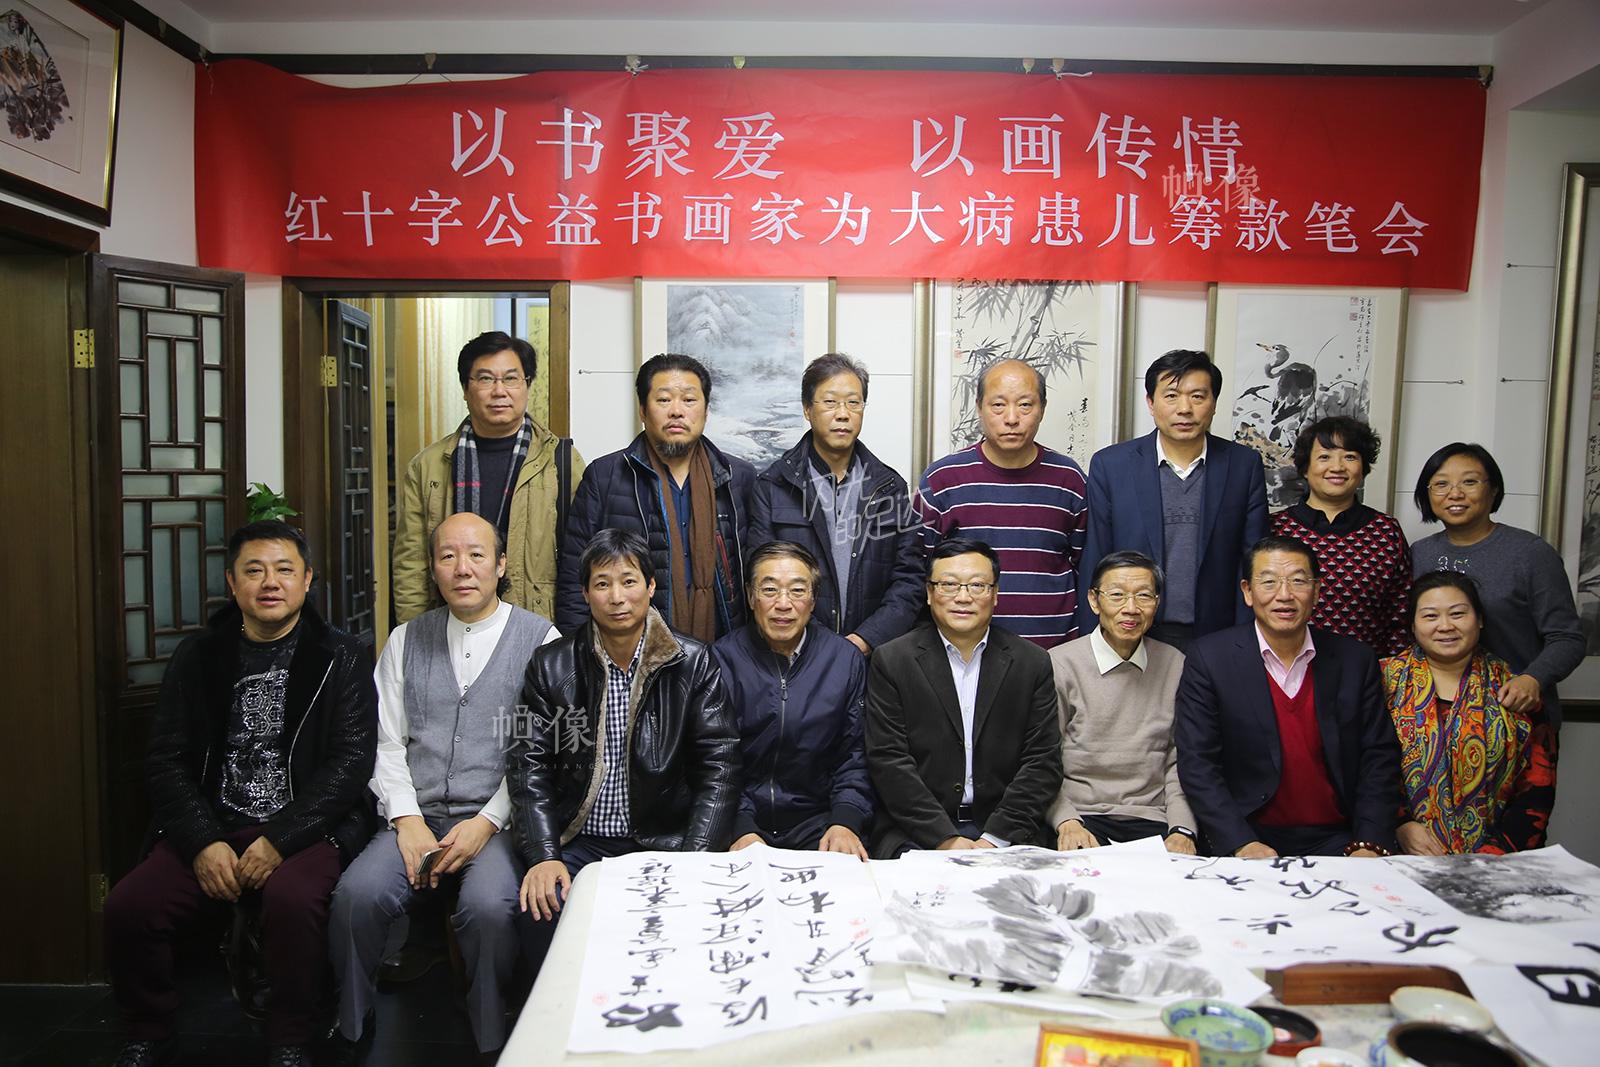 2016年年底北京市西城区红十字会为大病患儿筹款笔会。(北京市西城区红十字会供图)